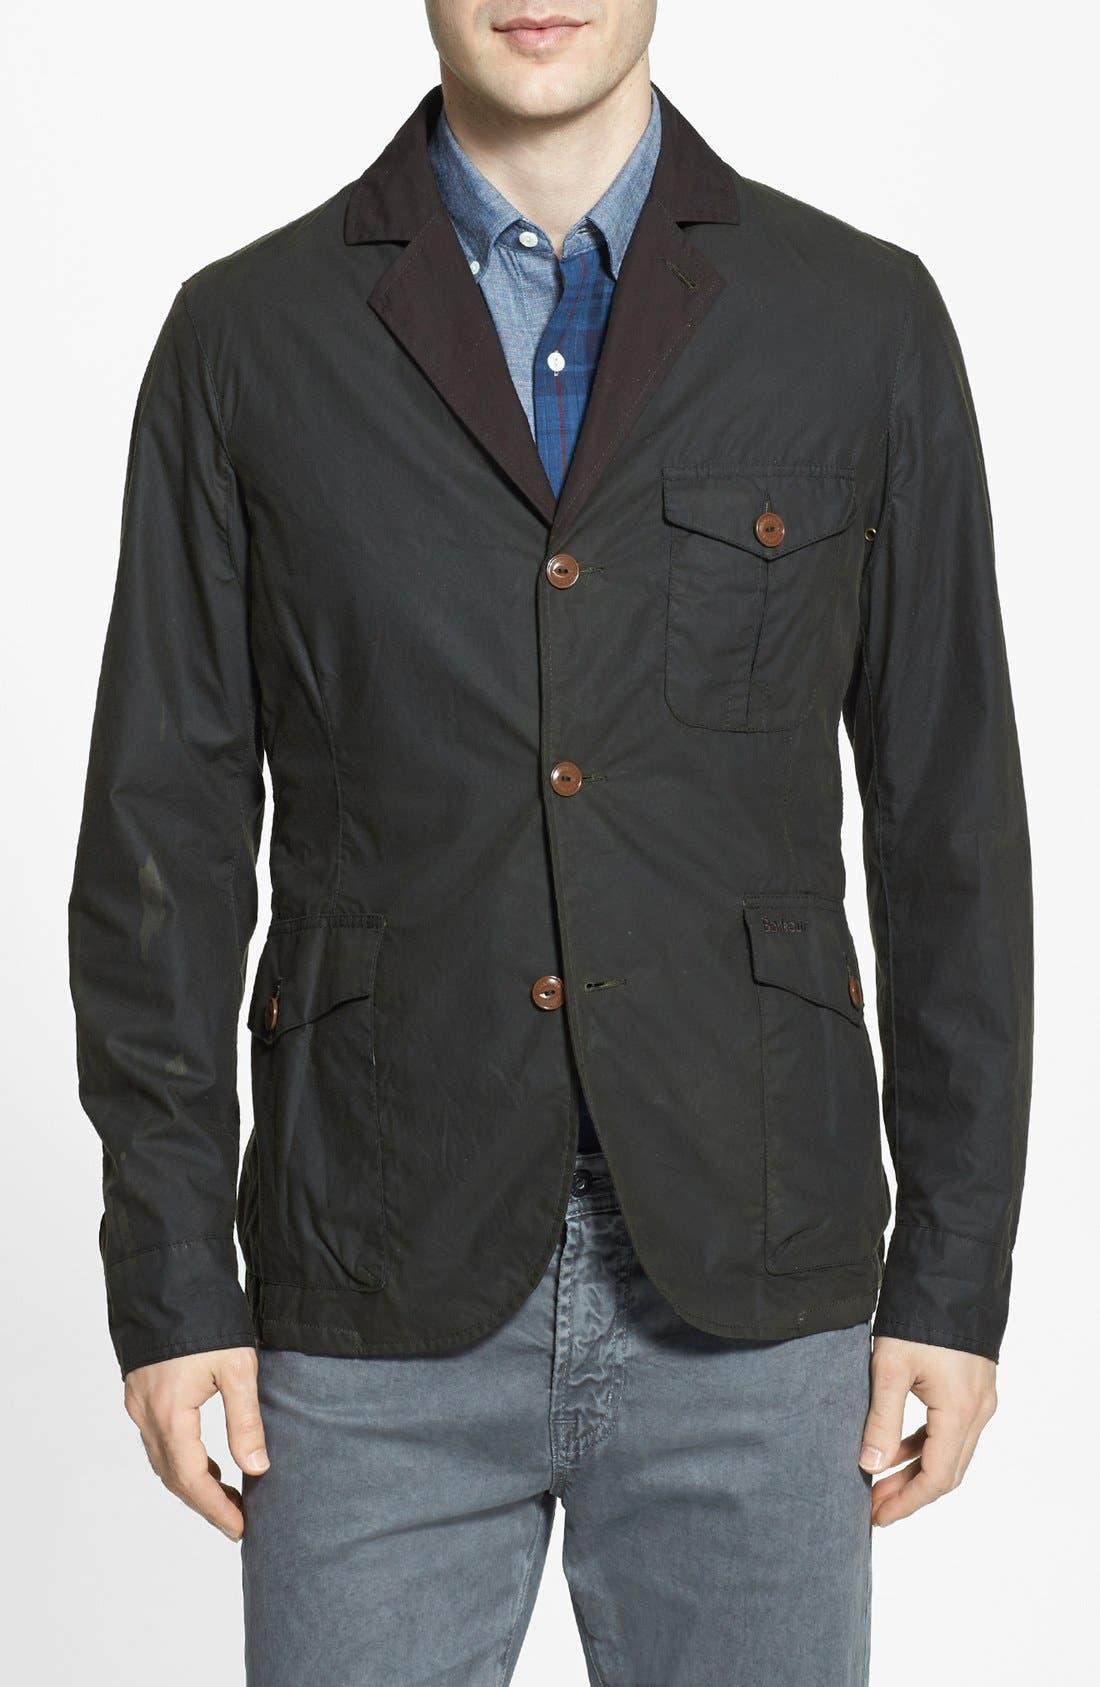 Alternate Image 1 Selected - Barbour 'Stanley' Weatherproof Waxed Regular Fit Jacket